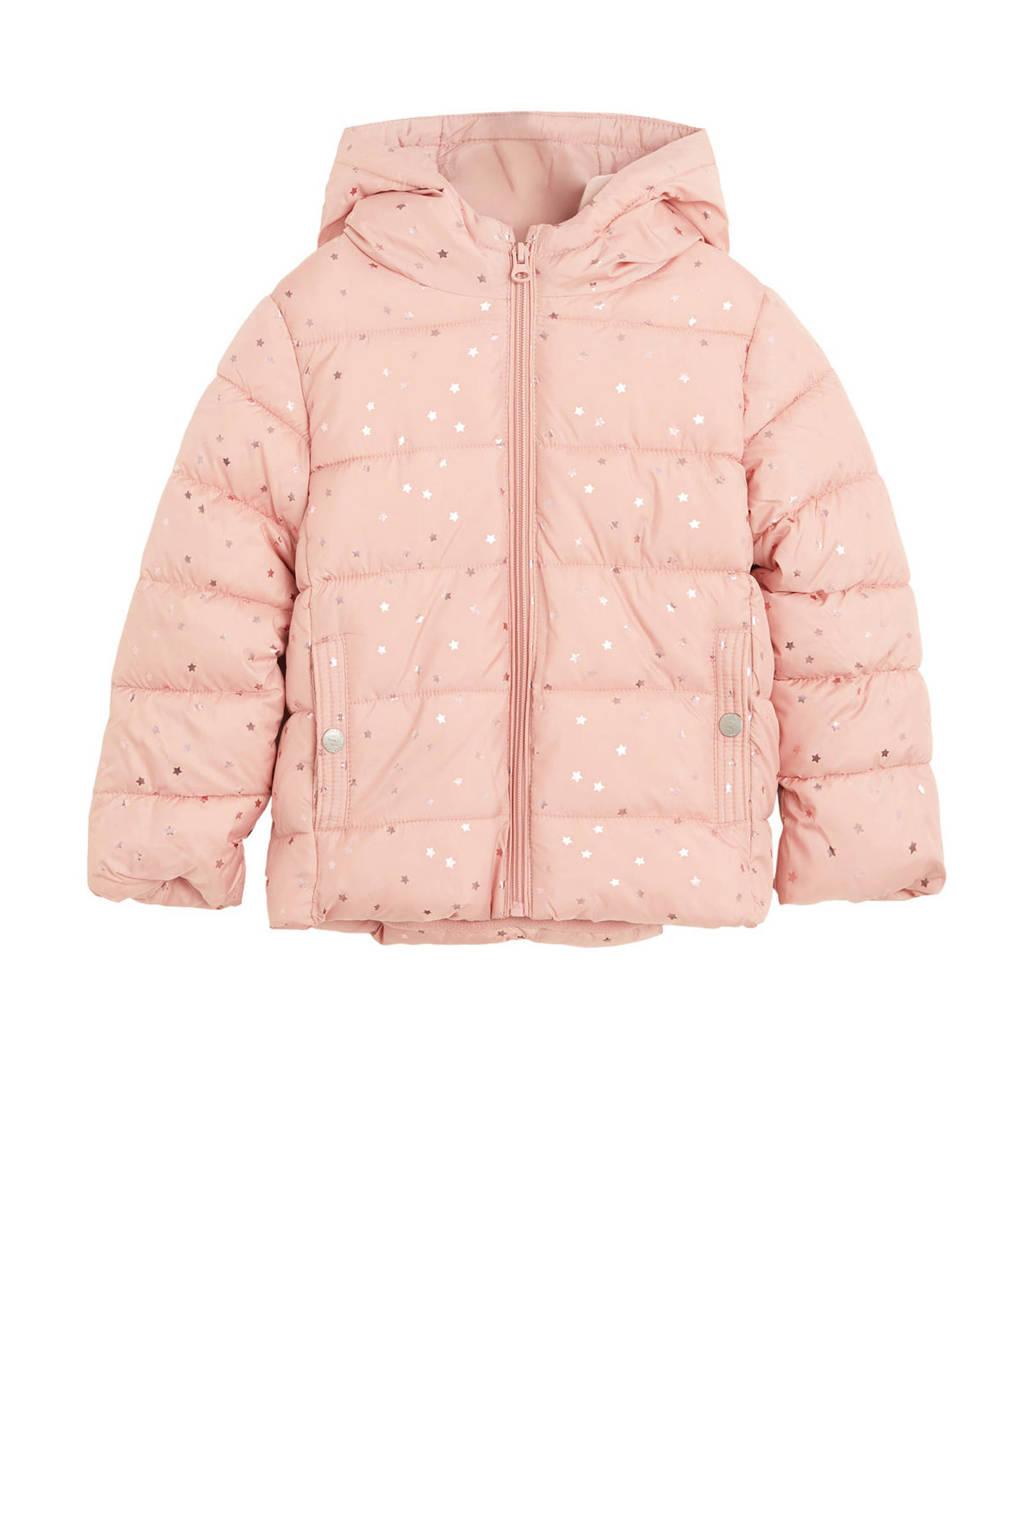 Mango Kids gewatteerde winterjas met sterren roze, Roze